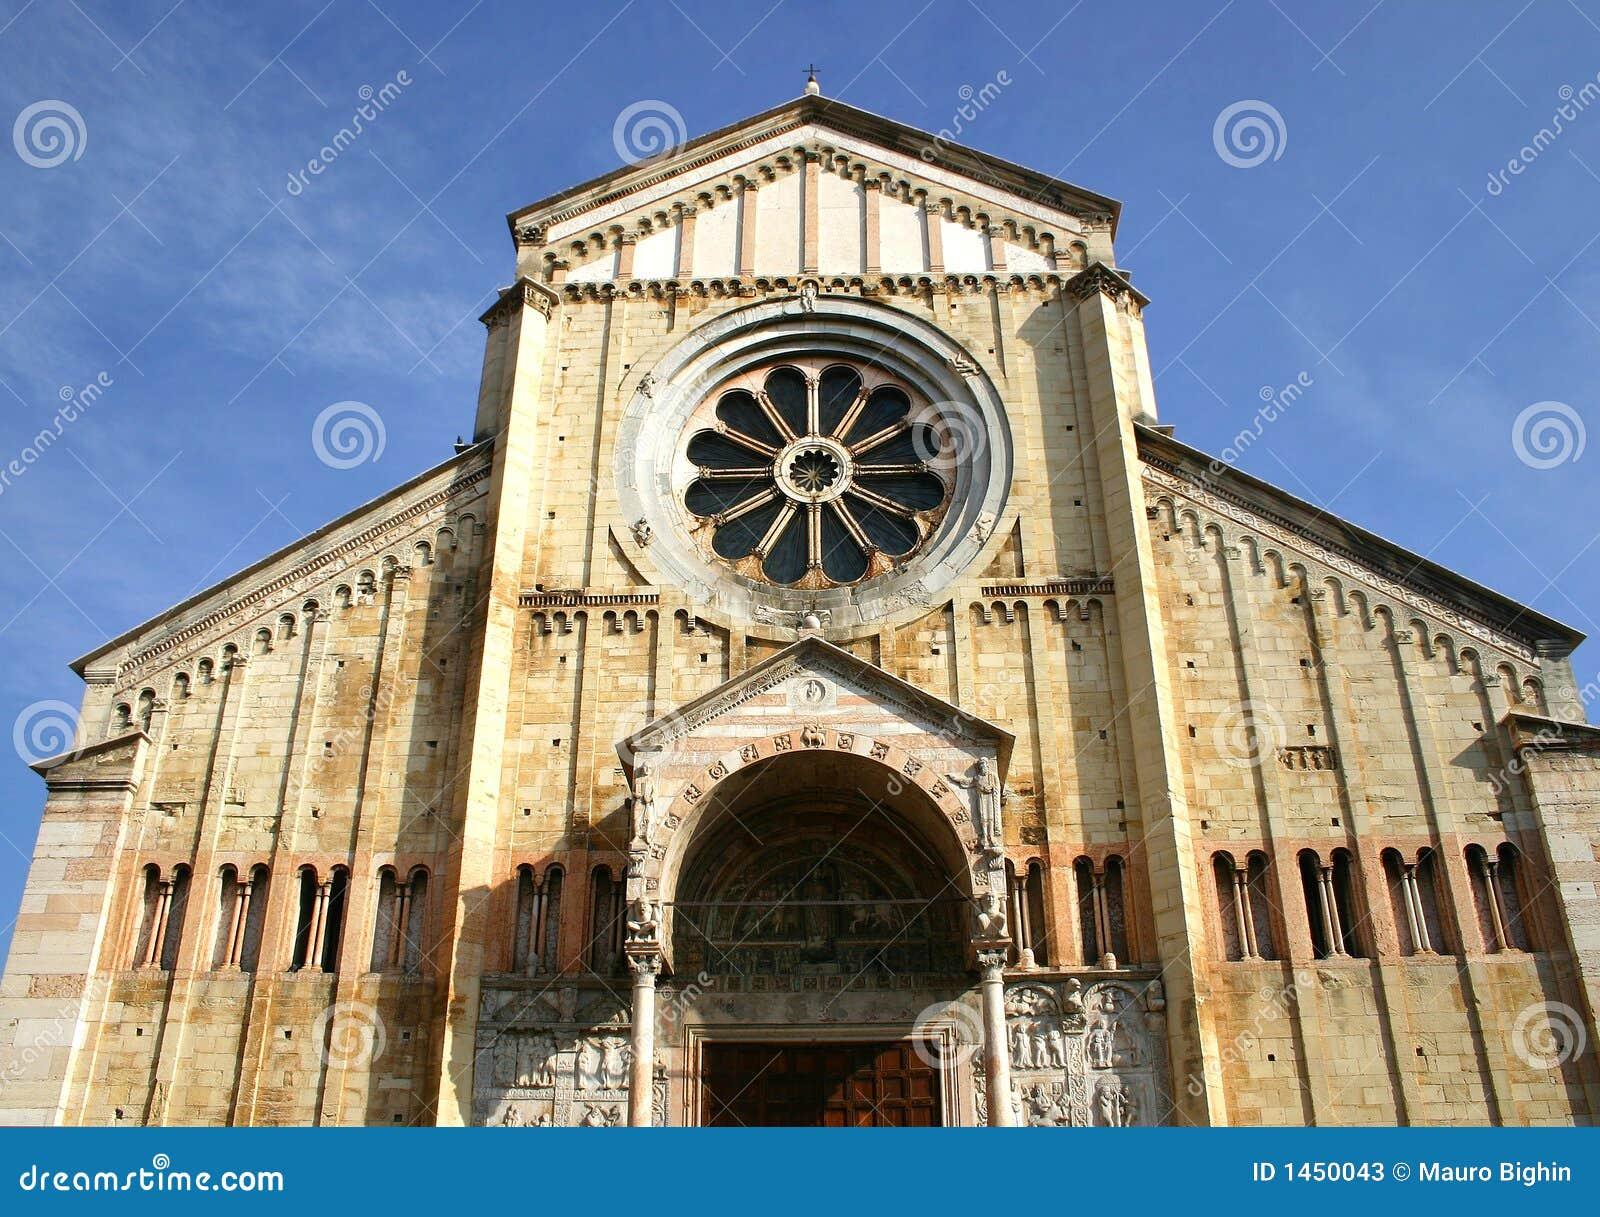 Catedral romance de Zan Zeno en Verona, Italia